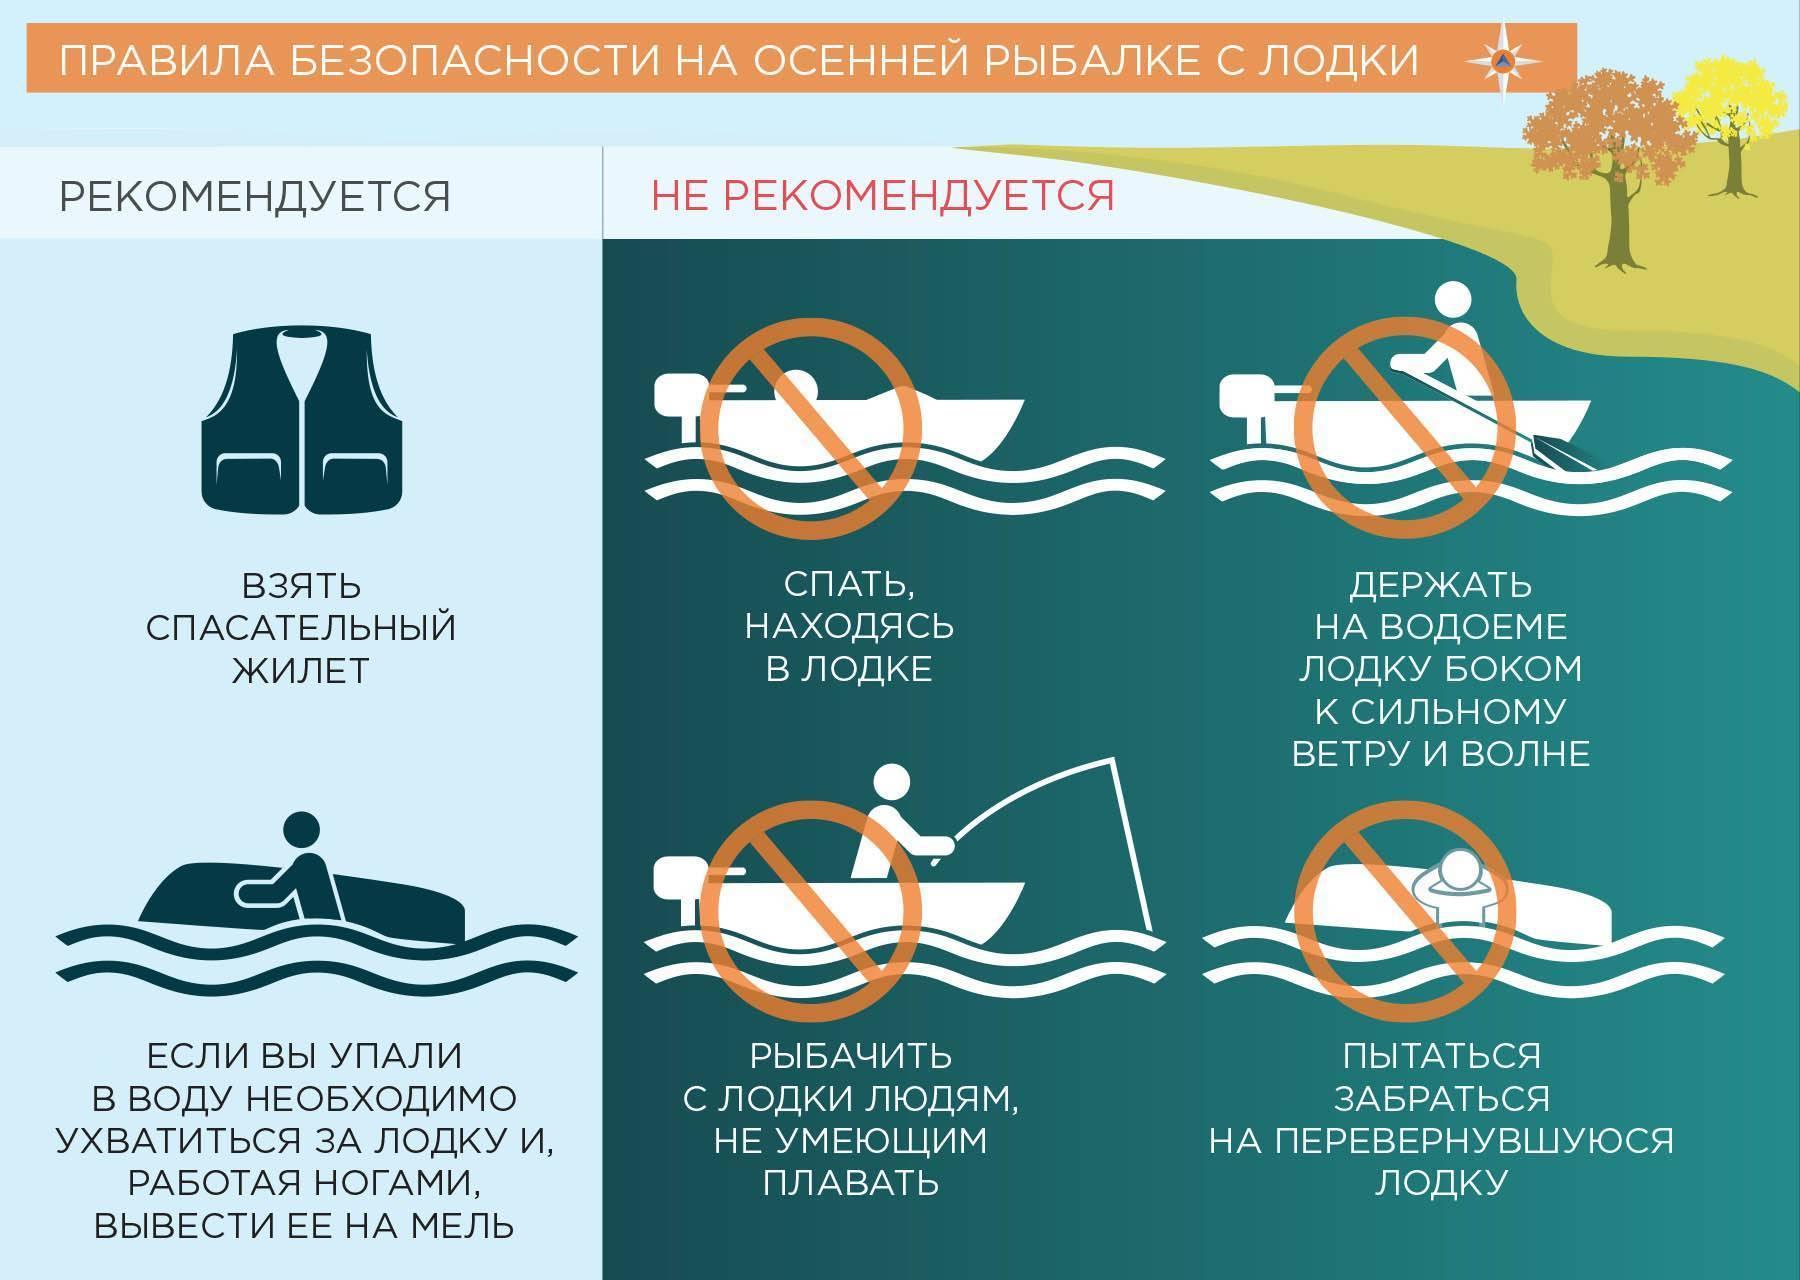 Безопасное поведение на водоемах в различных условиях